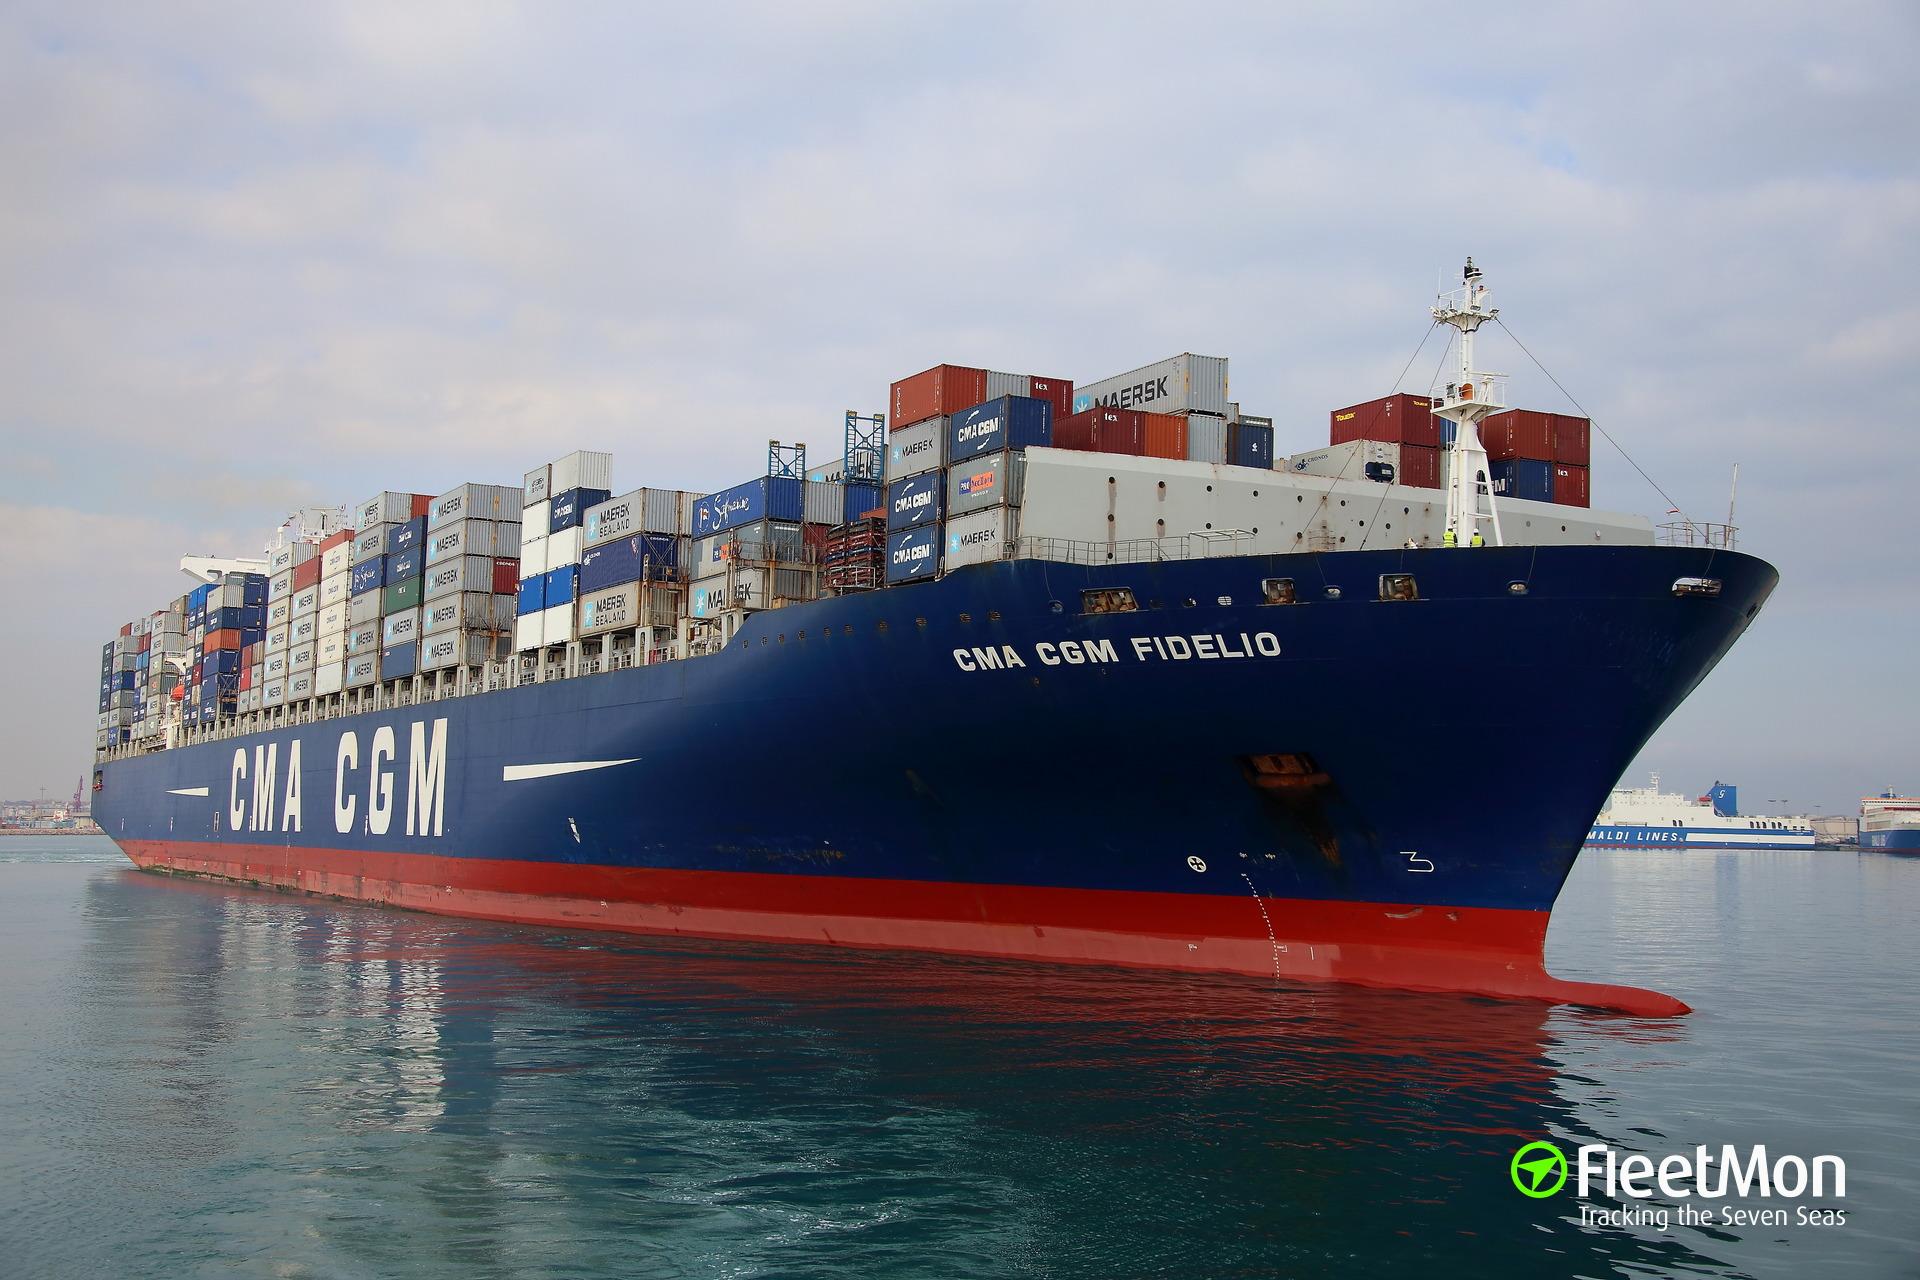 Container ship CMA CGM FIDELIO fire